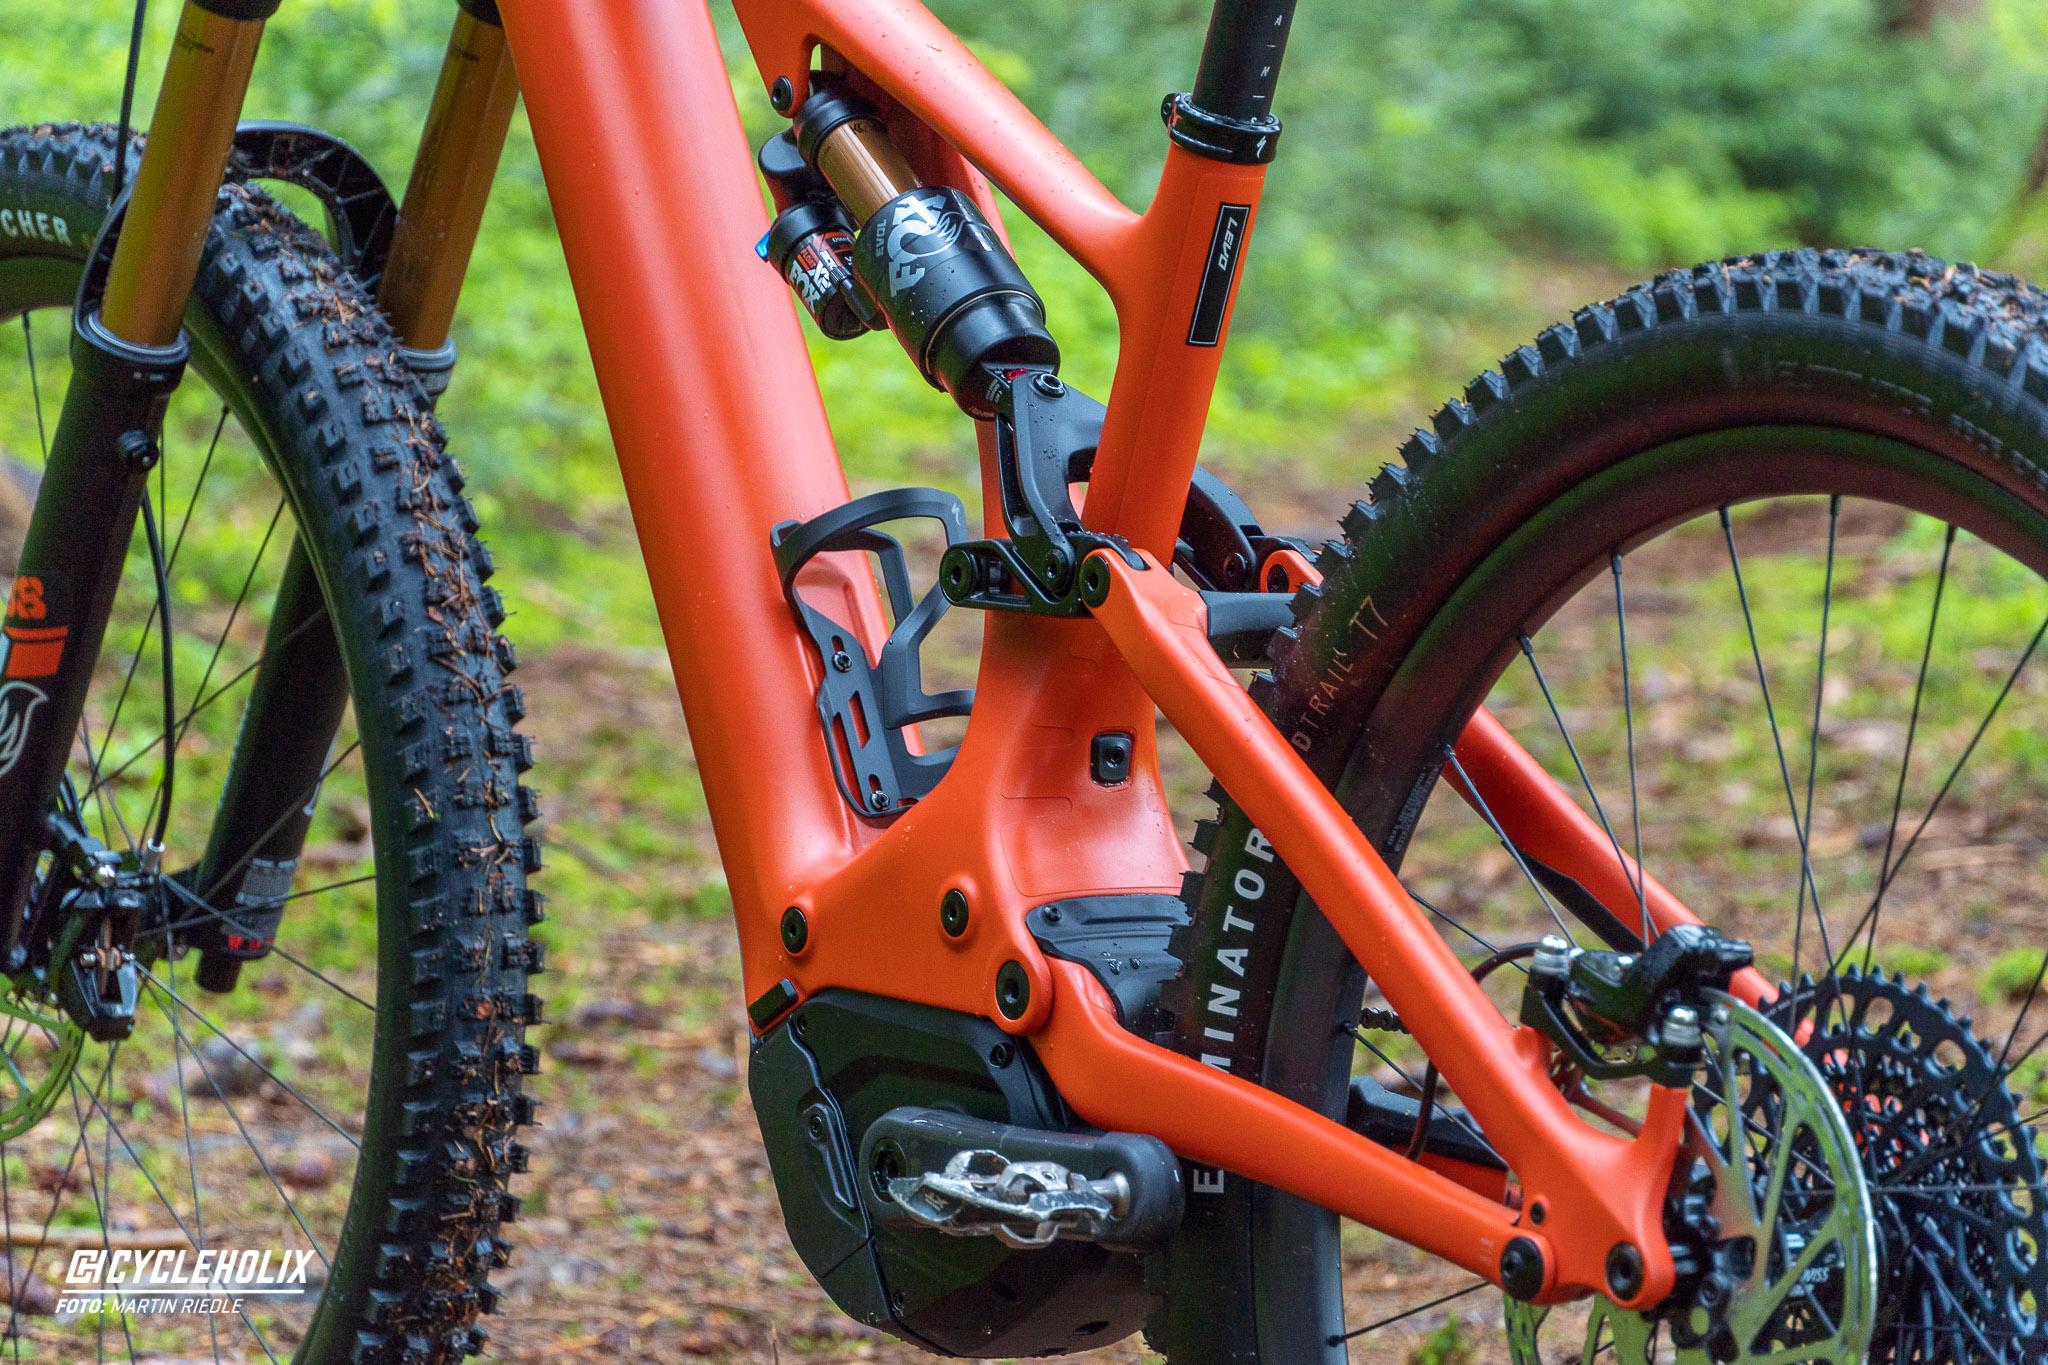 Specialized Levo 15 Cycleholix